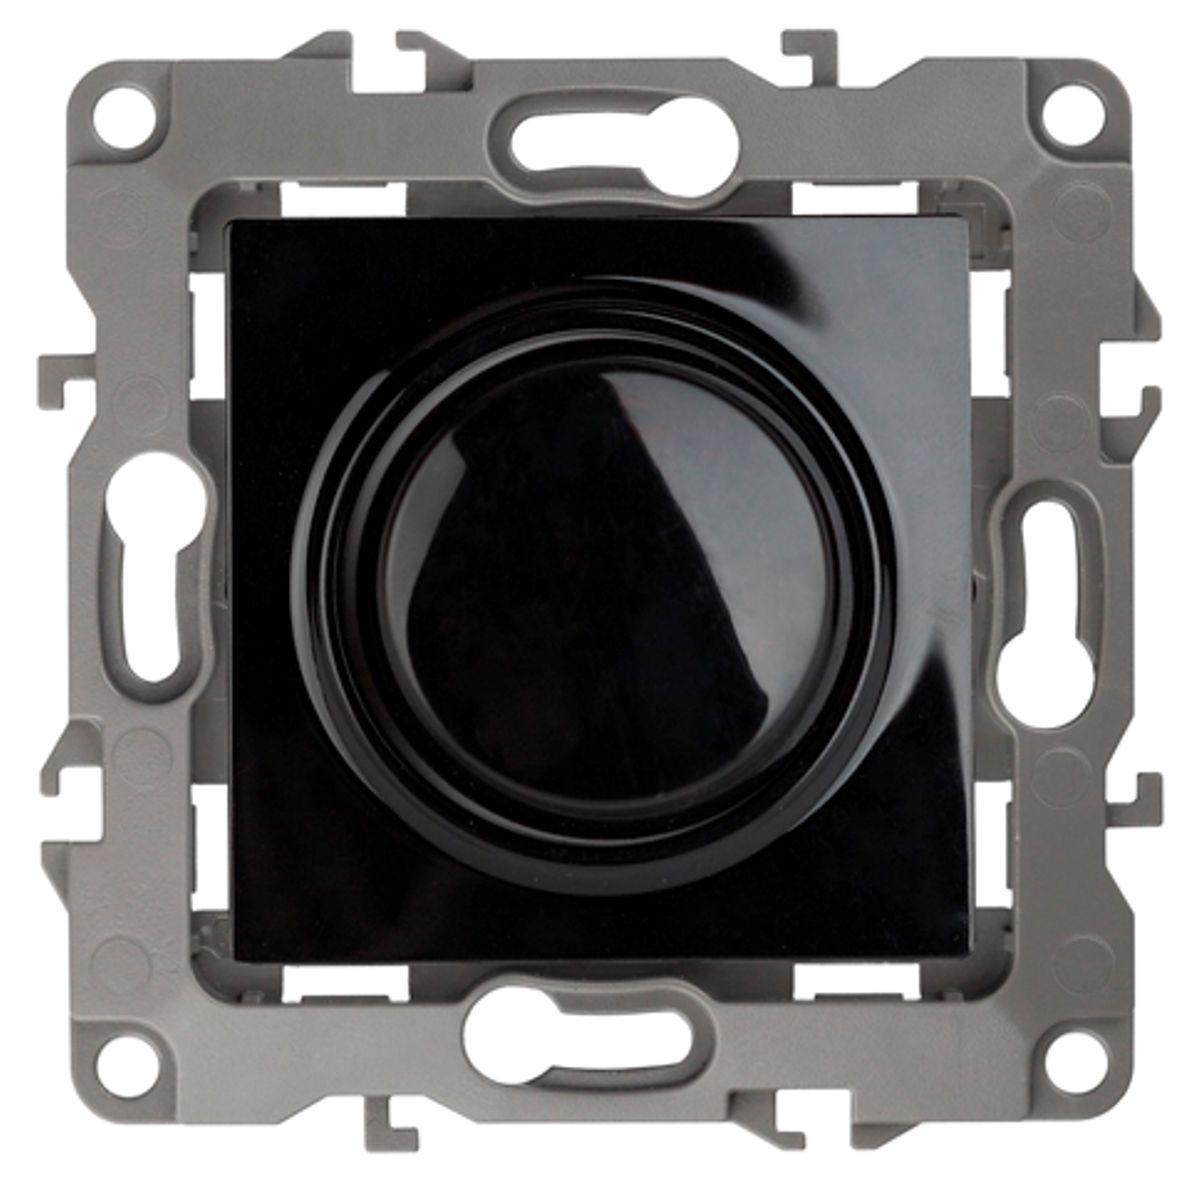 Светорегулятор поворотно-нажимной ЭРА, цвет: черный, серый. 12-410112-4101-06Поворотно-нажимной светорегулятор ЭРА выполнен из прочного пластика, контакты бронзовые. Включение и выключение производится нажатием на кнопку диммера. Регулировка освещения производится во включенном состоянии. Подходит для ламп накаливания, галогеновых ламп и диммируемых LED ламп. Изделие имеет специальные фиксаторы, которые не дают ему смещаться как при монтаже, так и в процессе эксплуатации. Автоматические зажимы кабеля обеспечивают быстрый и надежный монтаж изделия к электросети без отвертки и не требуют обслуживания в отличие от винтовых зажимов.